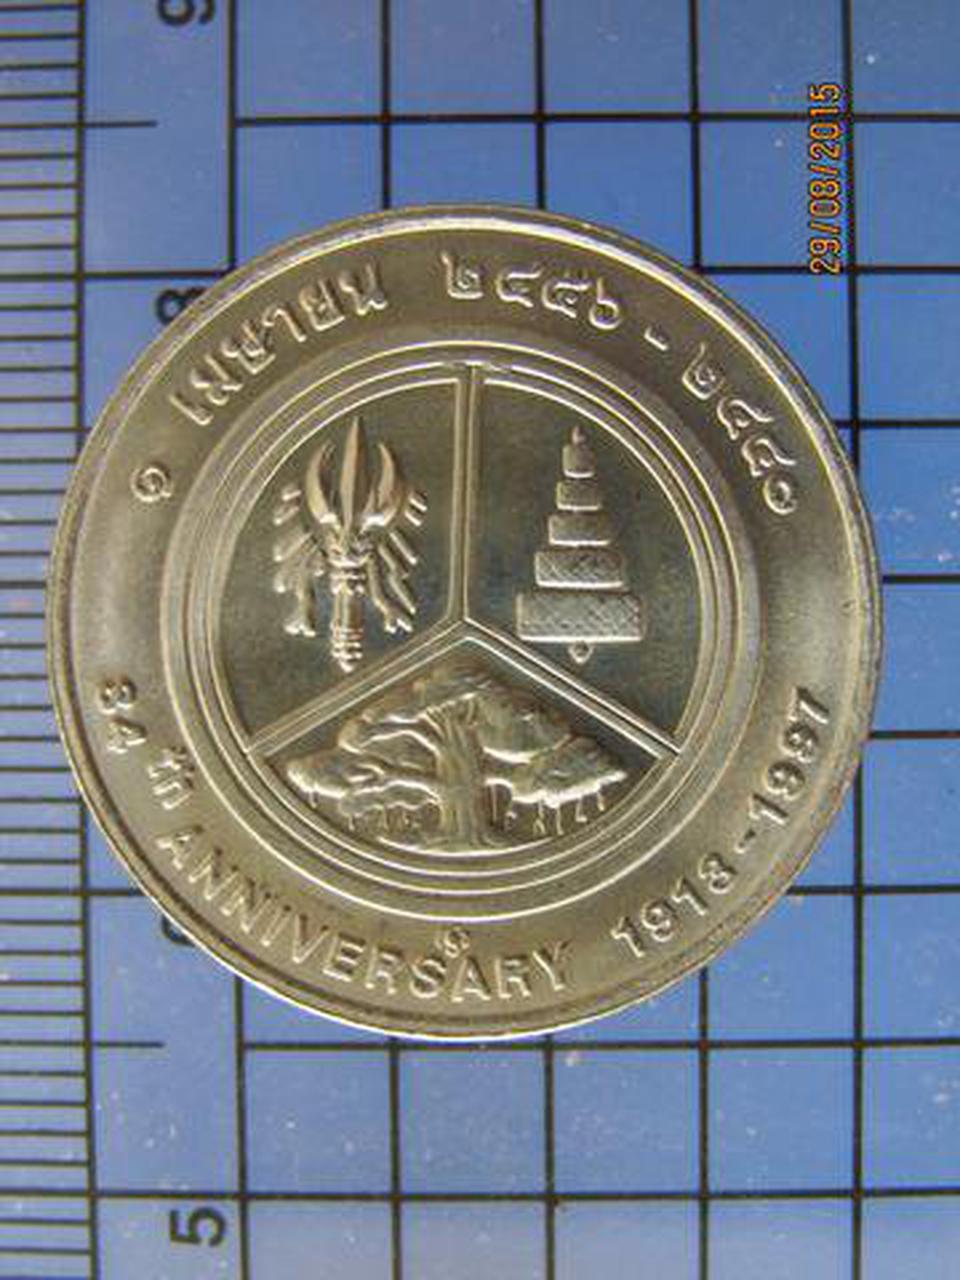 2599 เหรียญในหลวง ร.6 ผู้พระราชทานกำเนิดธนาคารออมสิน 1 เมย.2 รูปที่ 3